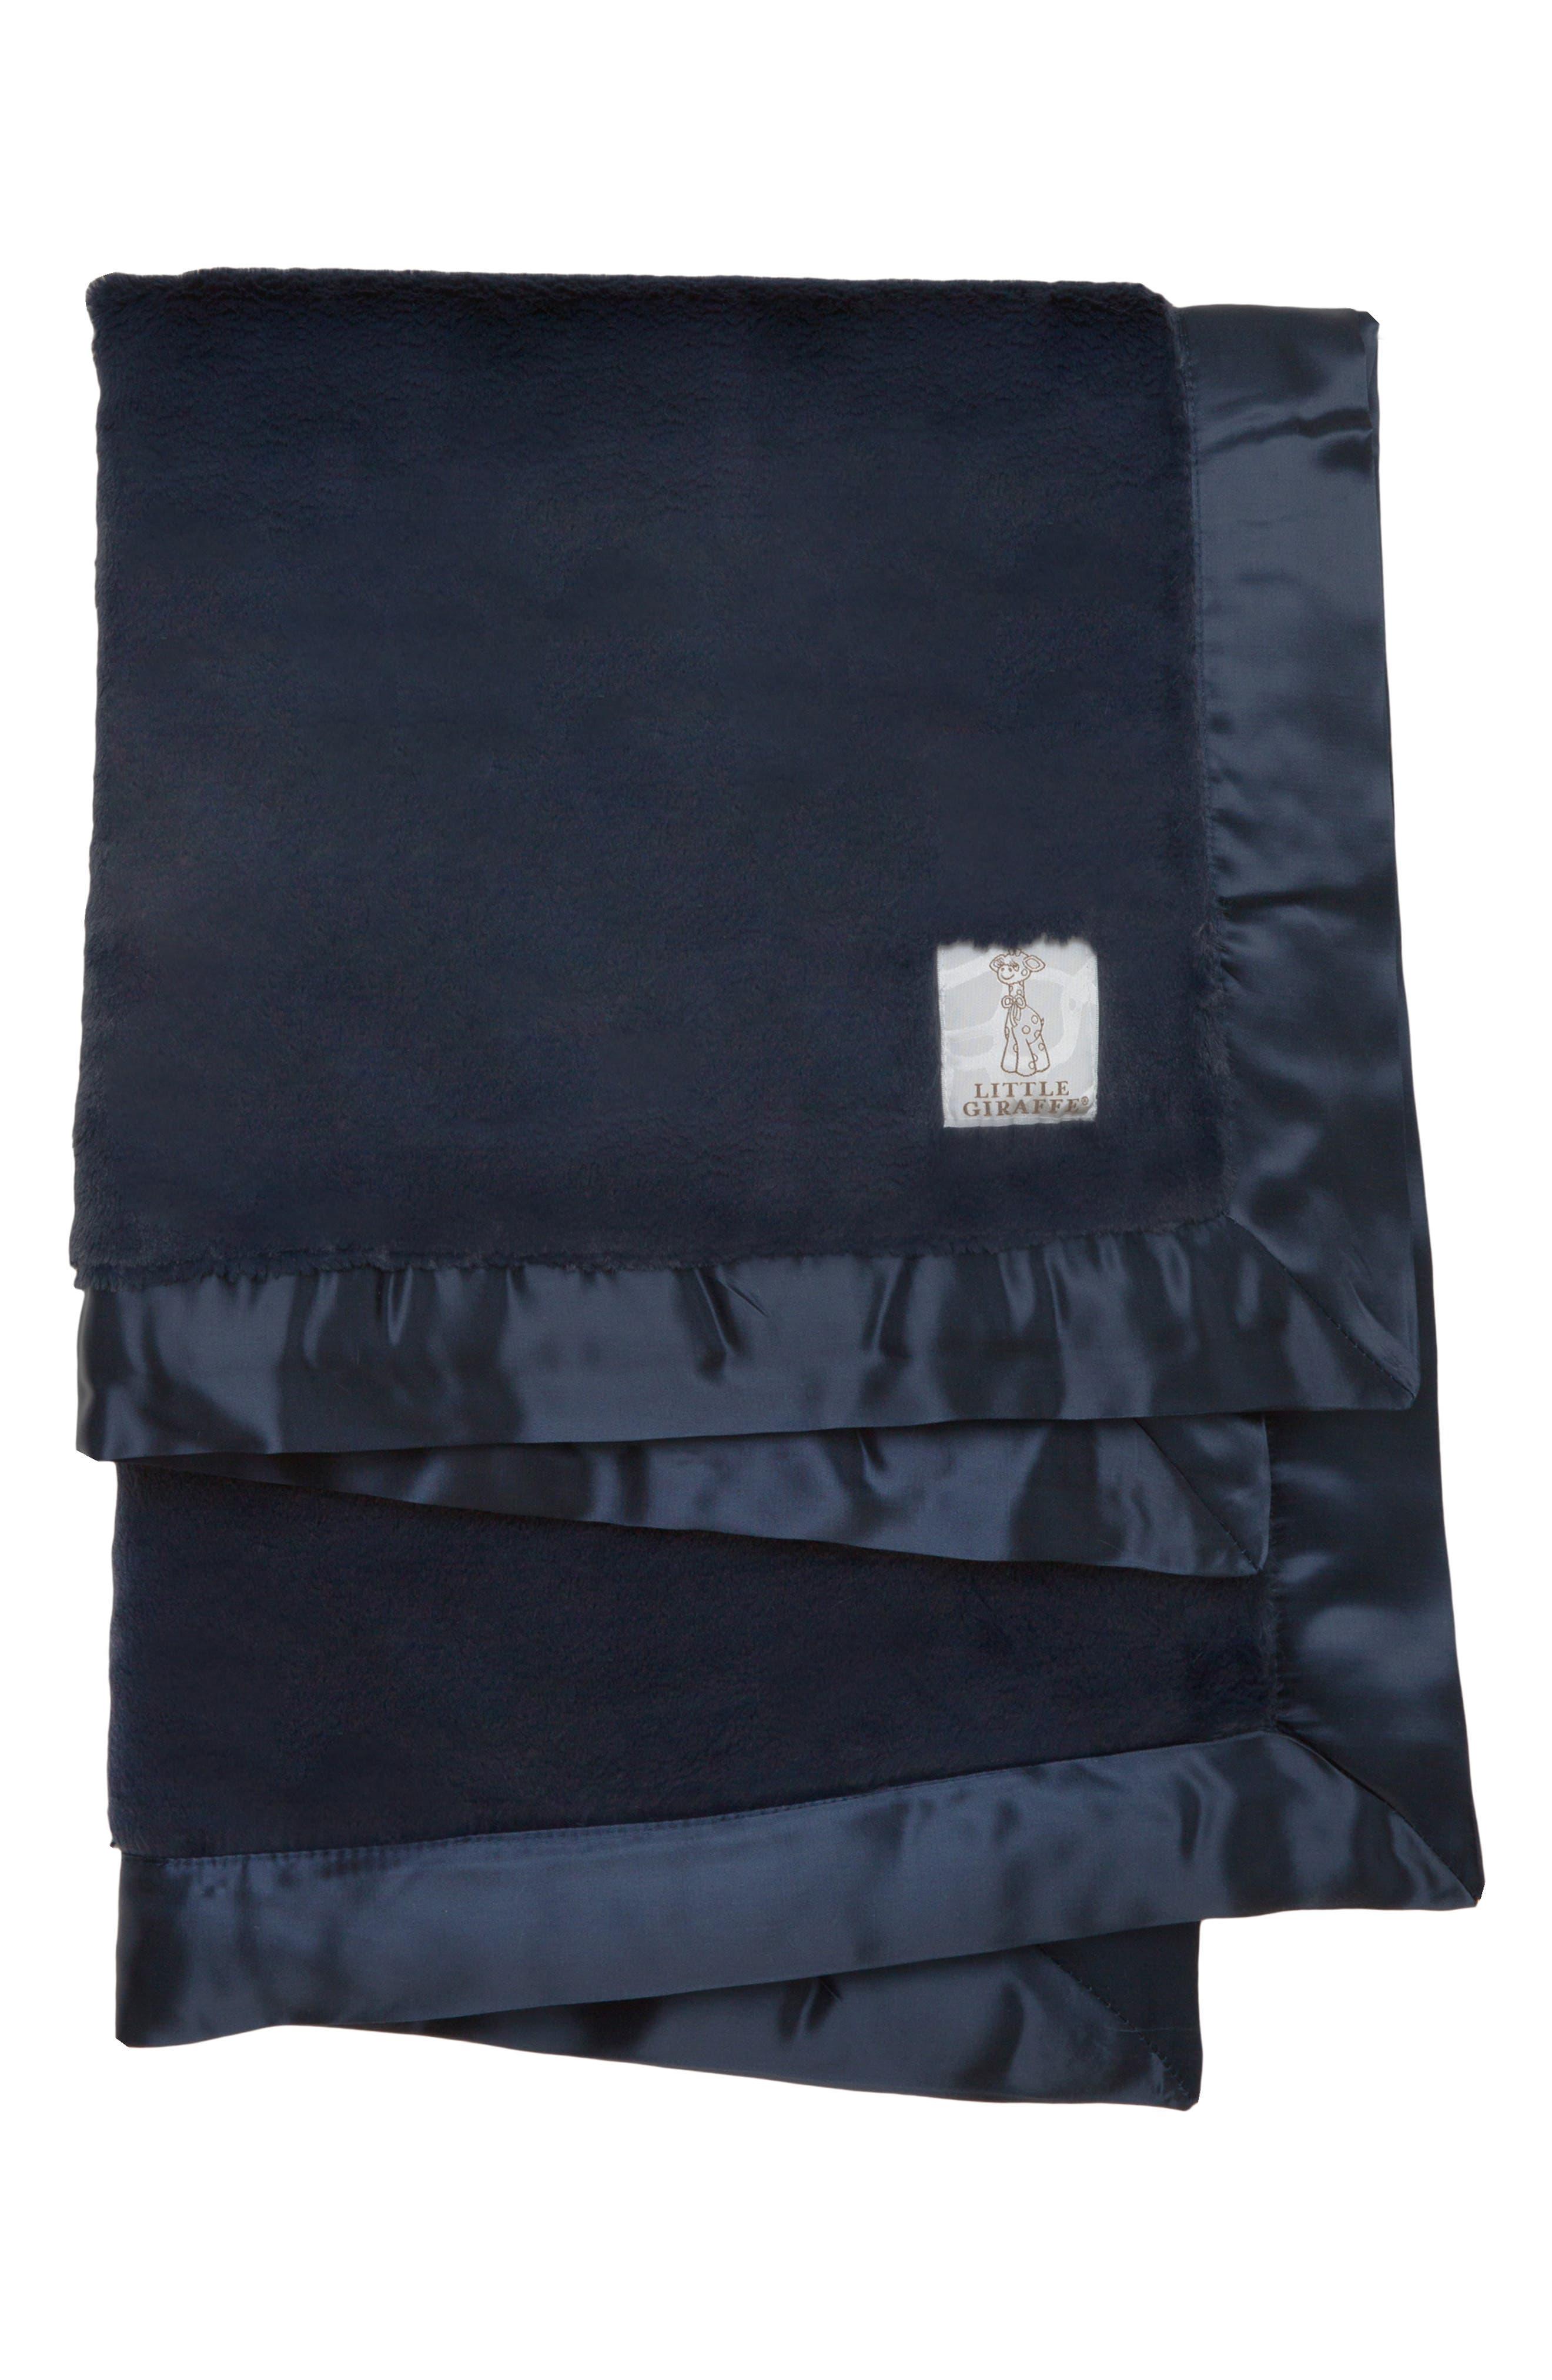 Luxe Baby Blanket,                         Main,                         color, DENIM